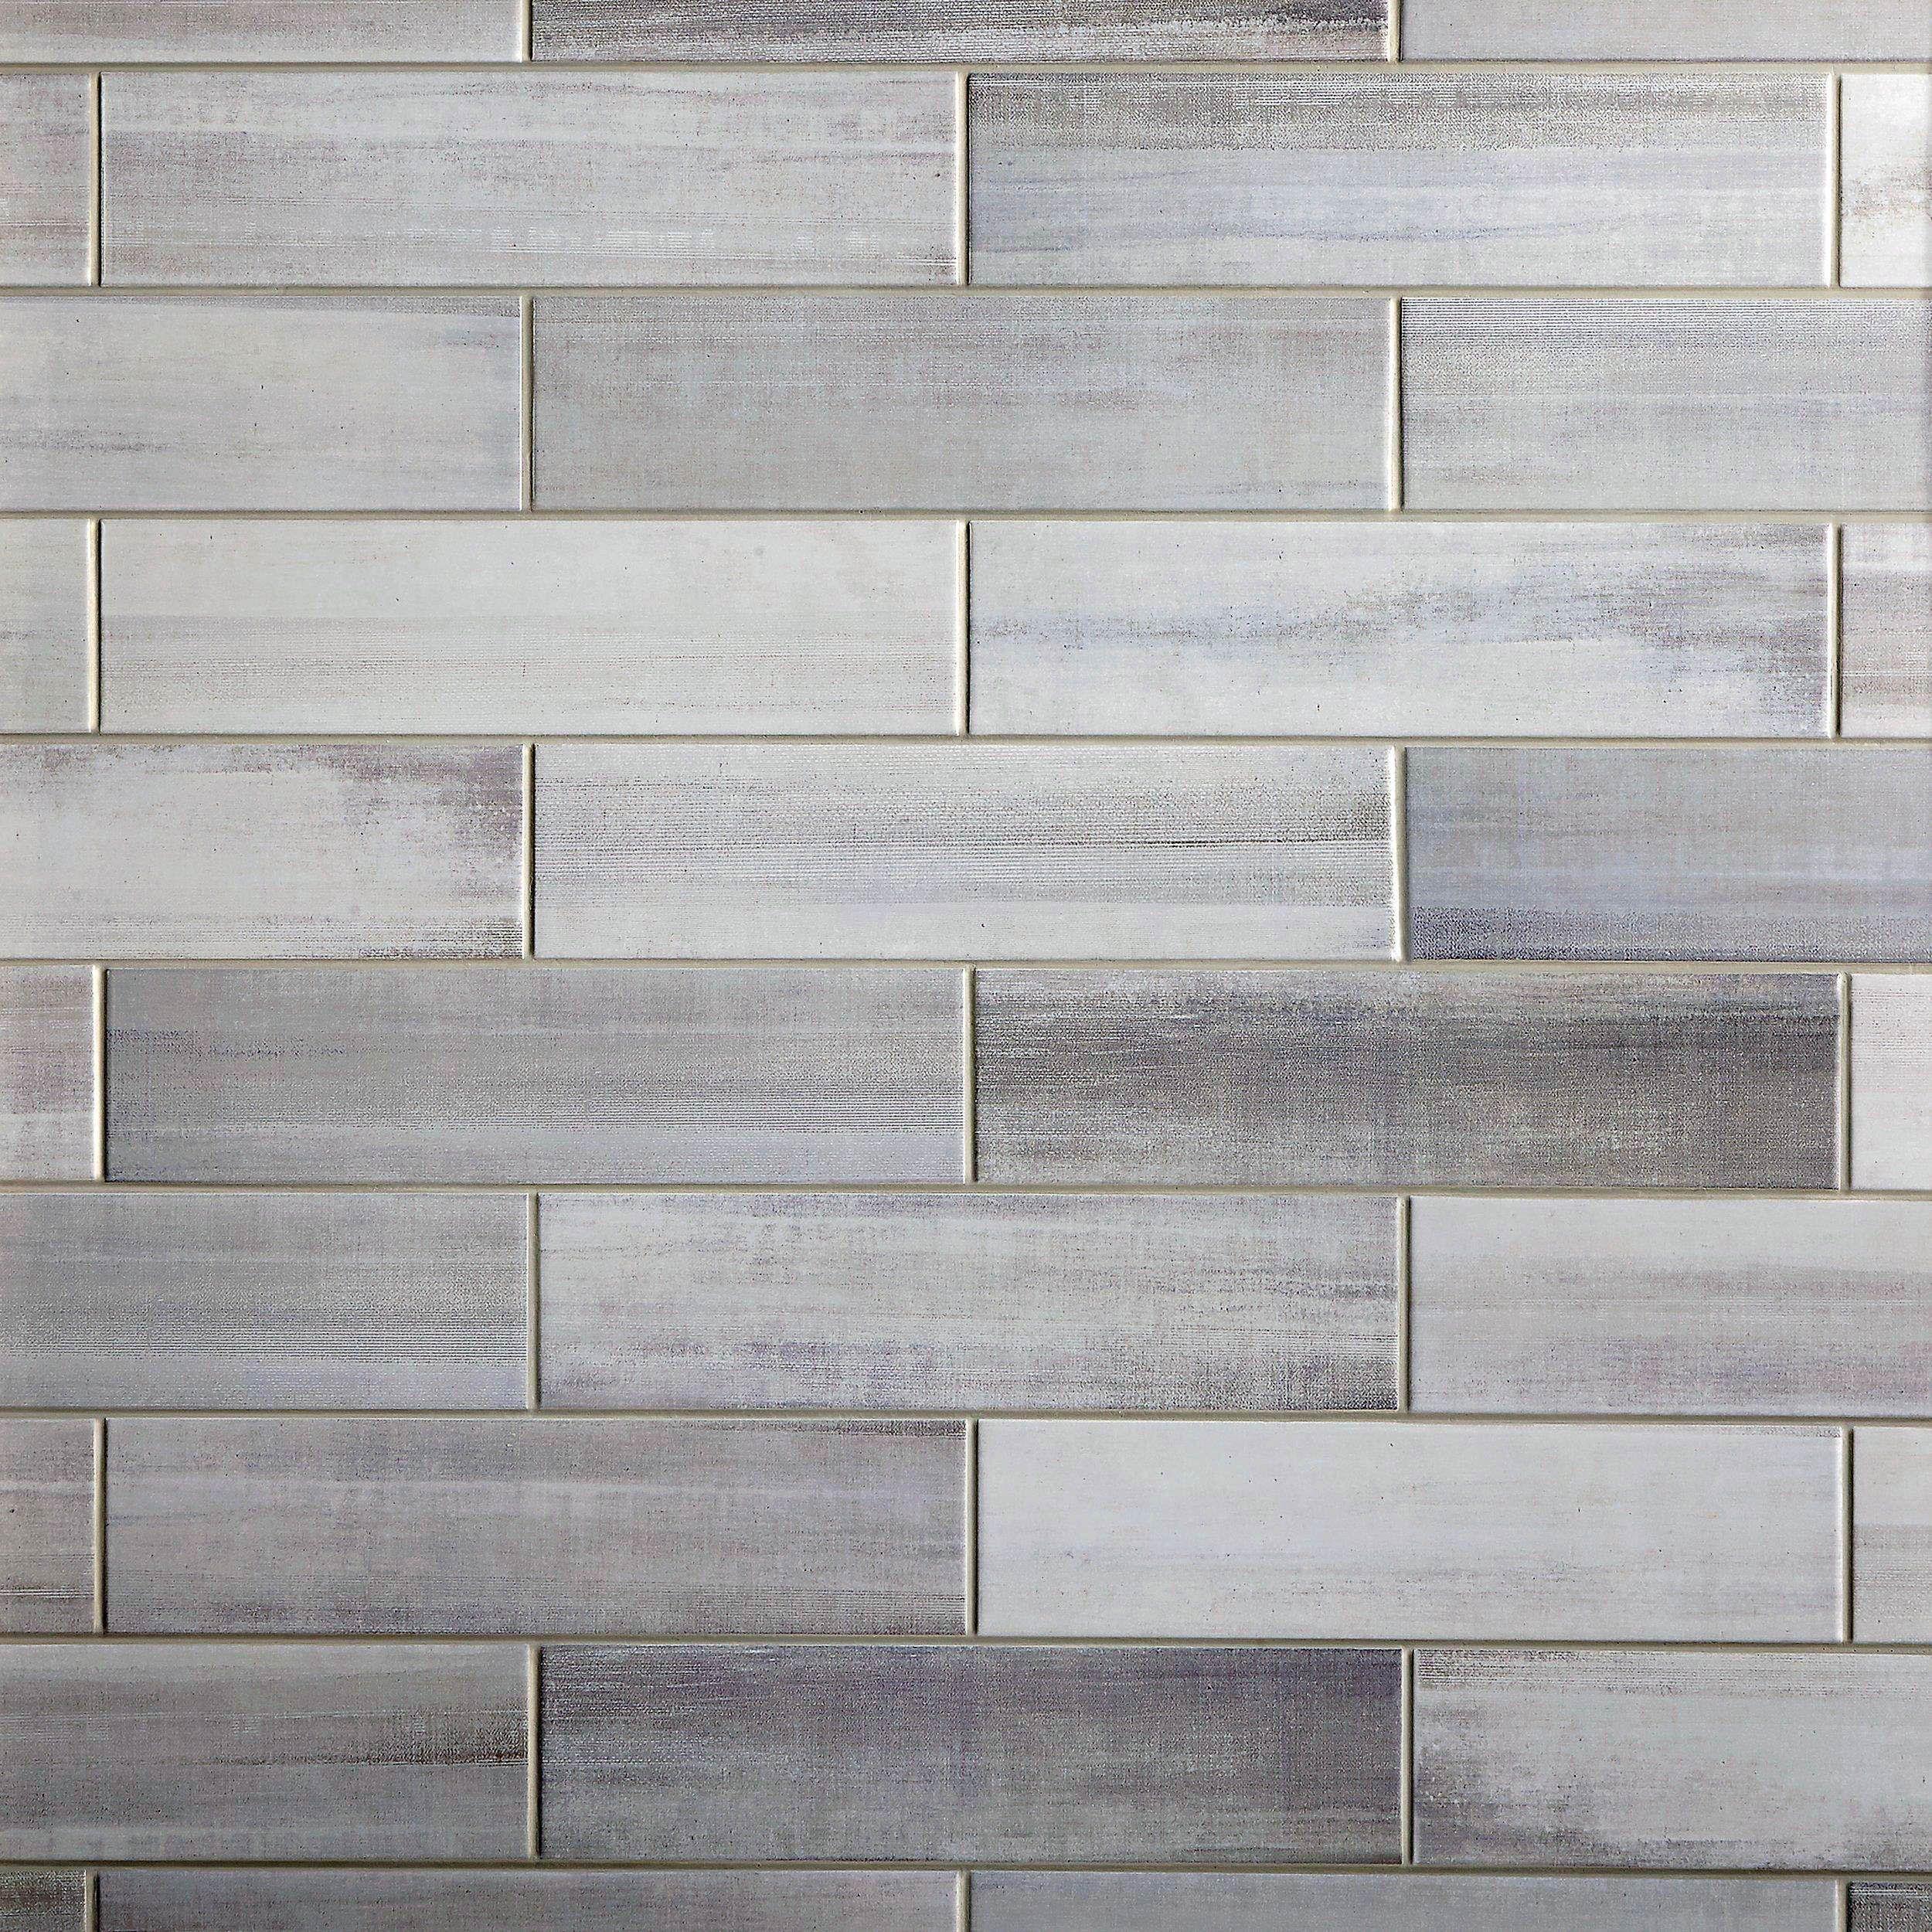 Best Tile Shower Ideas On Pinterest Only On Smarthomefi Com Shower Tile Tile Bathroom Tiles